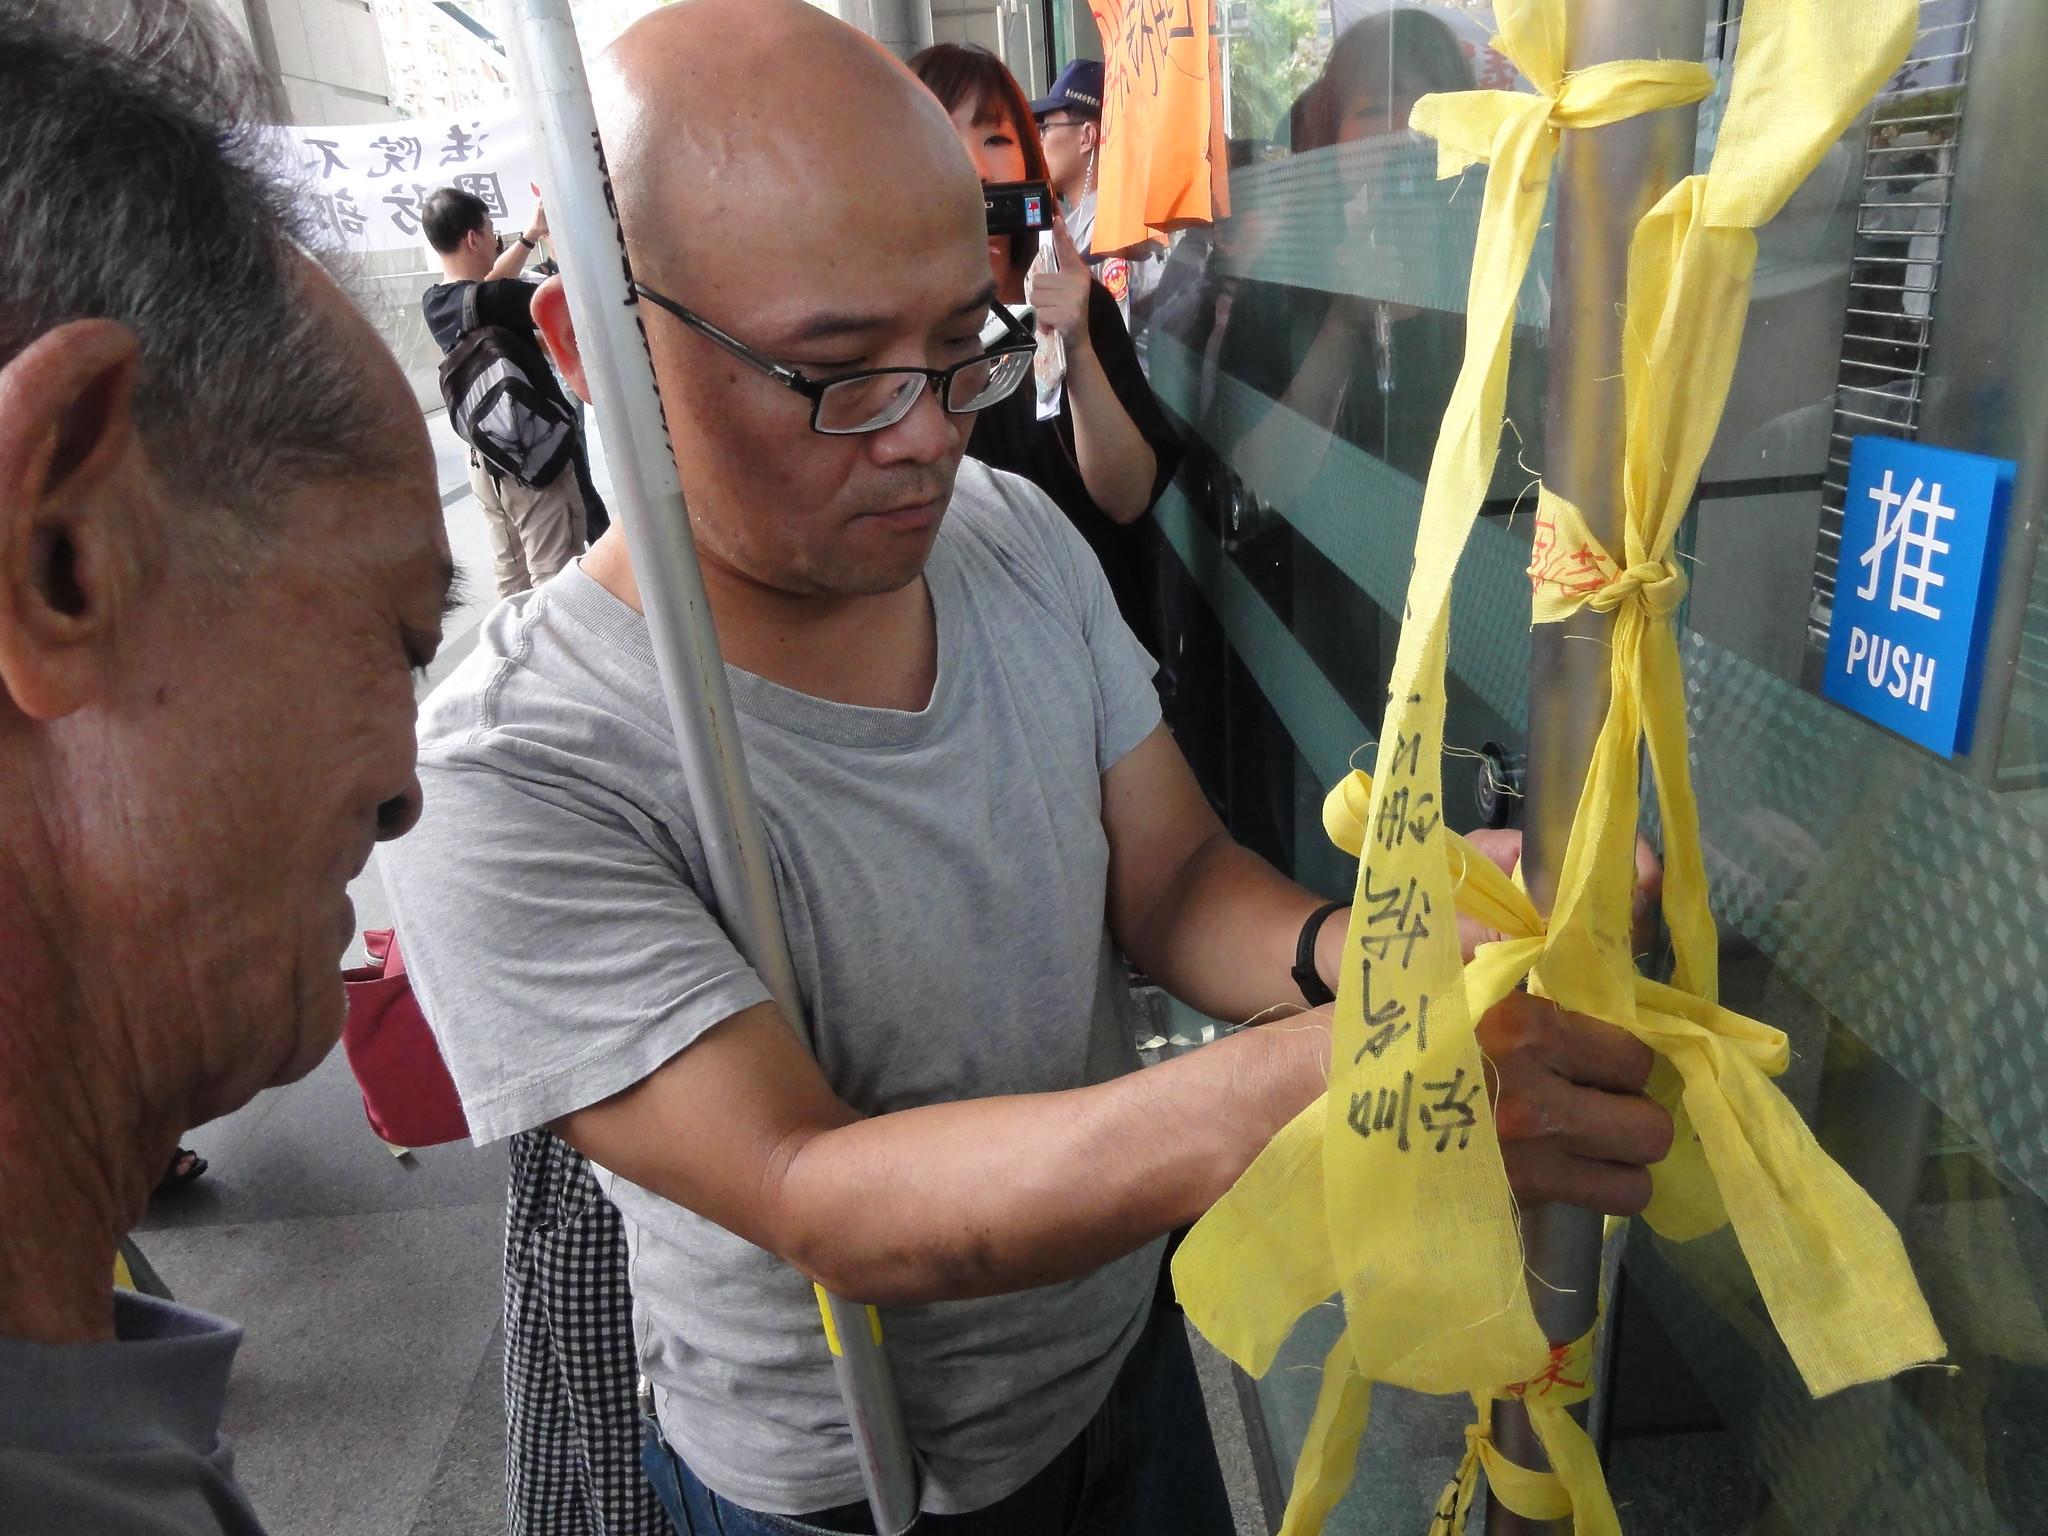 反迫遷團體將頭巾繫在交通部大樓前。(攝影:張智琦)